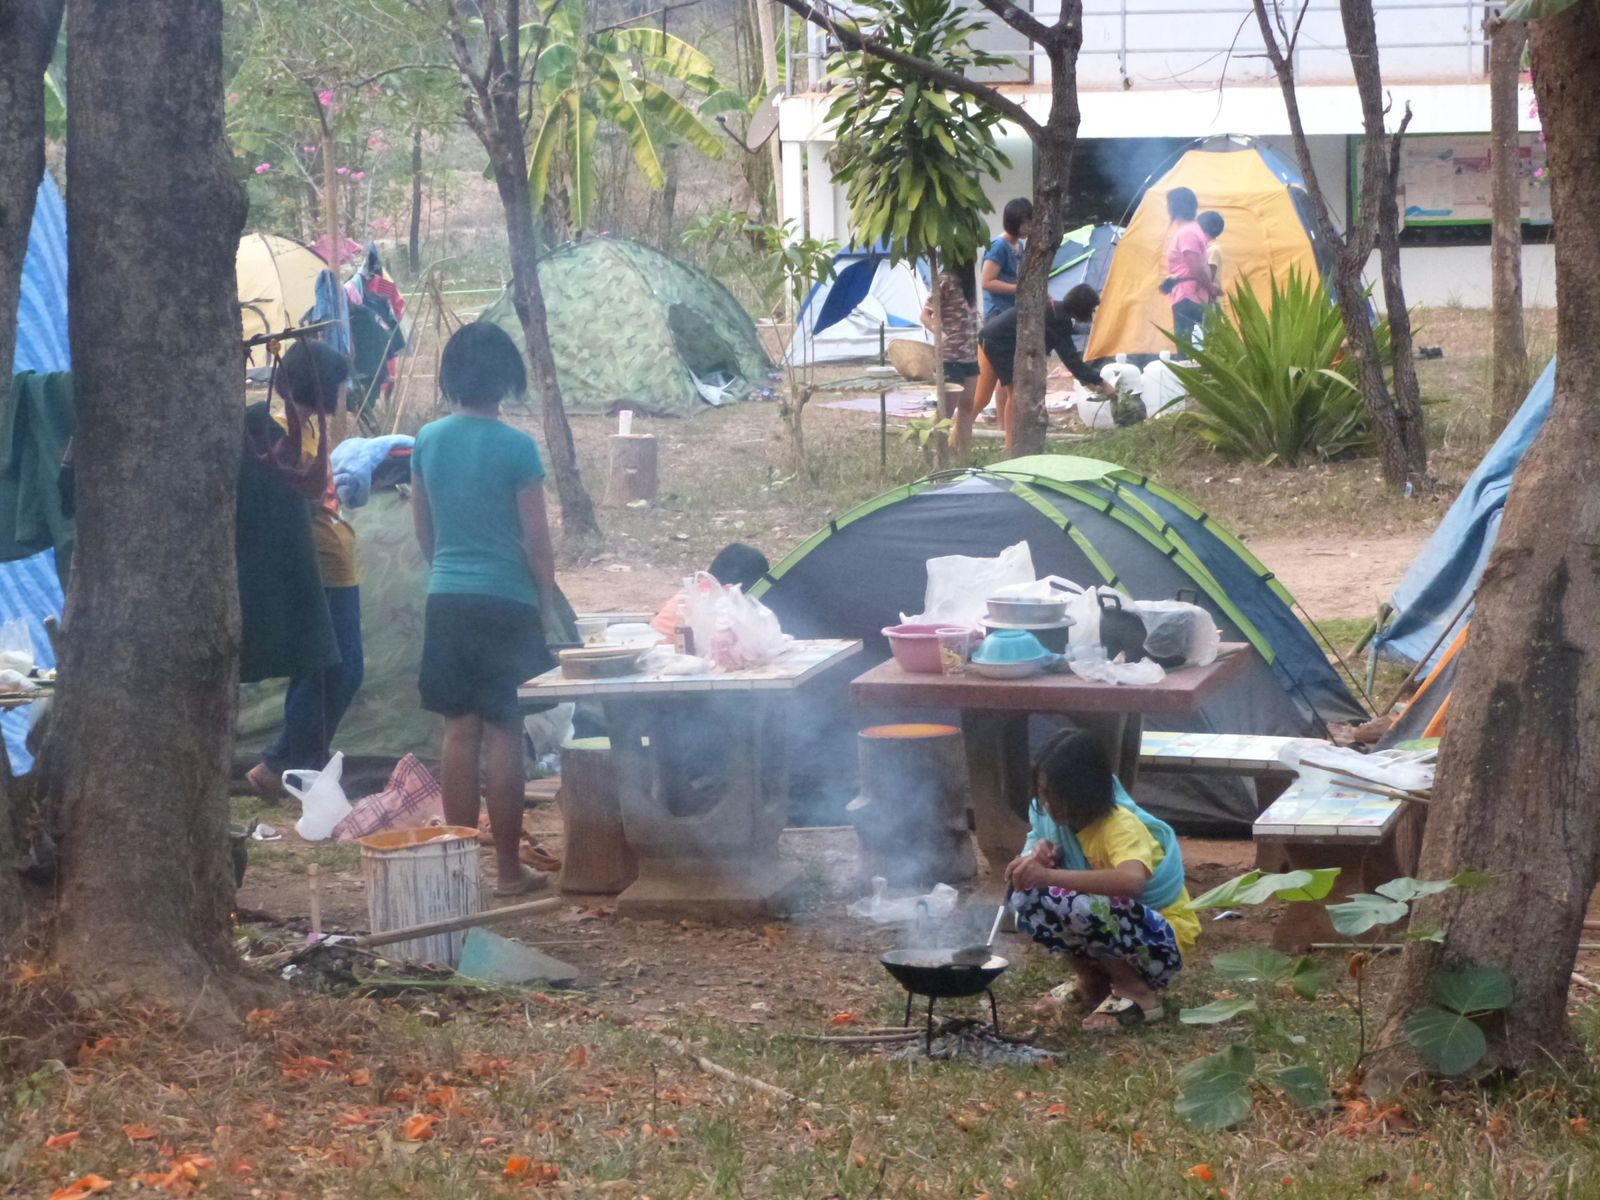 """Comme le roi a été scout dans sa jeunesse (la Thaïlande est une monarchie), les premiers """"grades"""" doivent effectuer une journée de scoutisme dans l'école. Ils campent, cuisinent leur nourriture, font plusieurs épreuves et organisent une grosse fête avec des danses, des chants et des feux de joies!"""